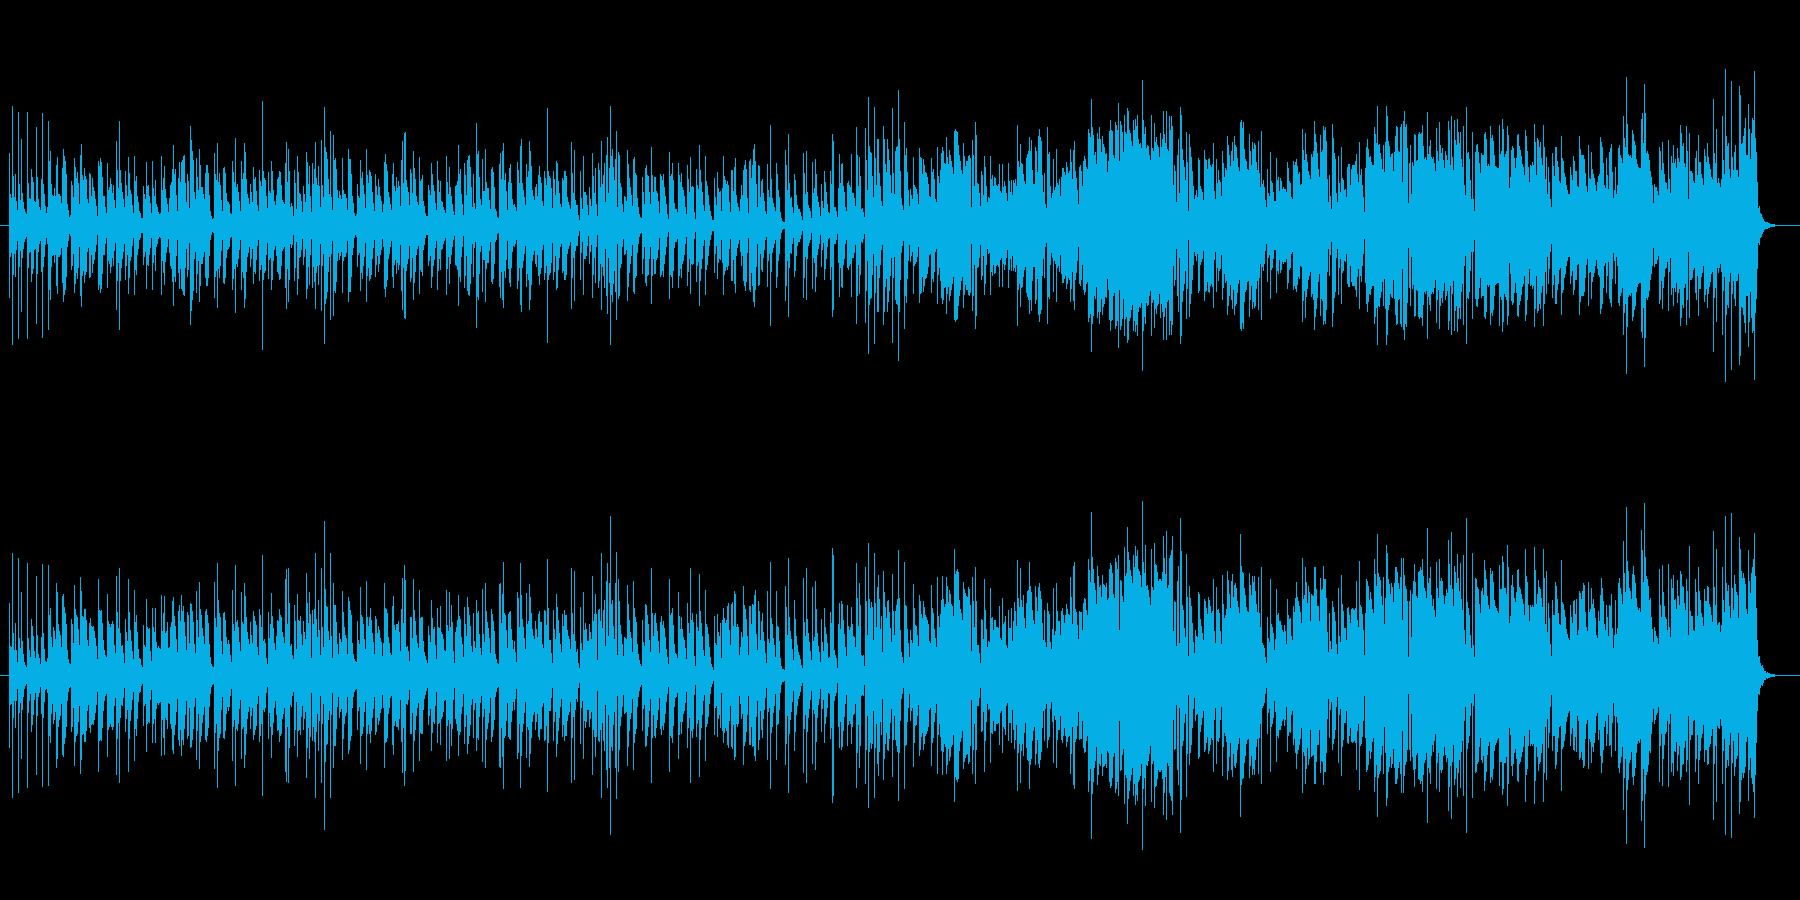 ピアノとマリンバのラテン風のんき曲の再生済みの波形